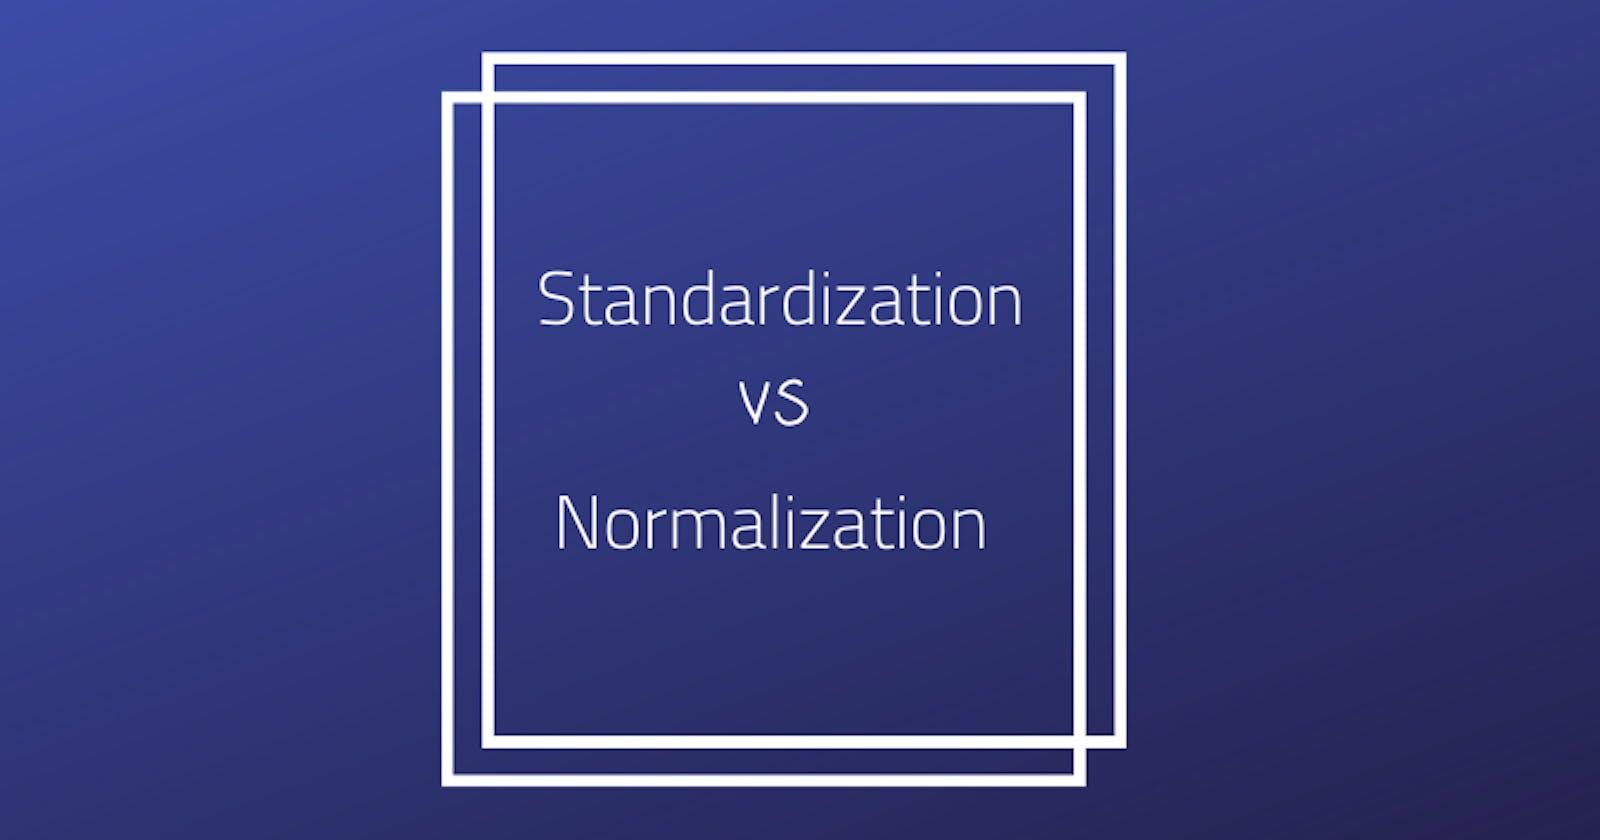 Standardization | Normalization